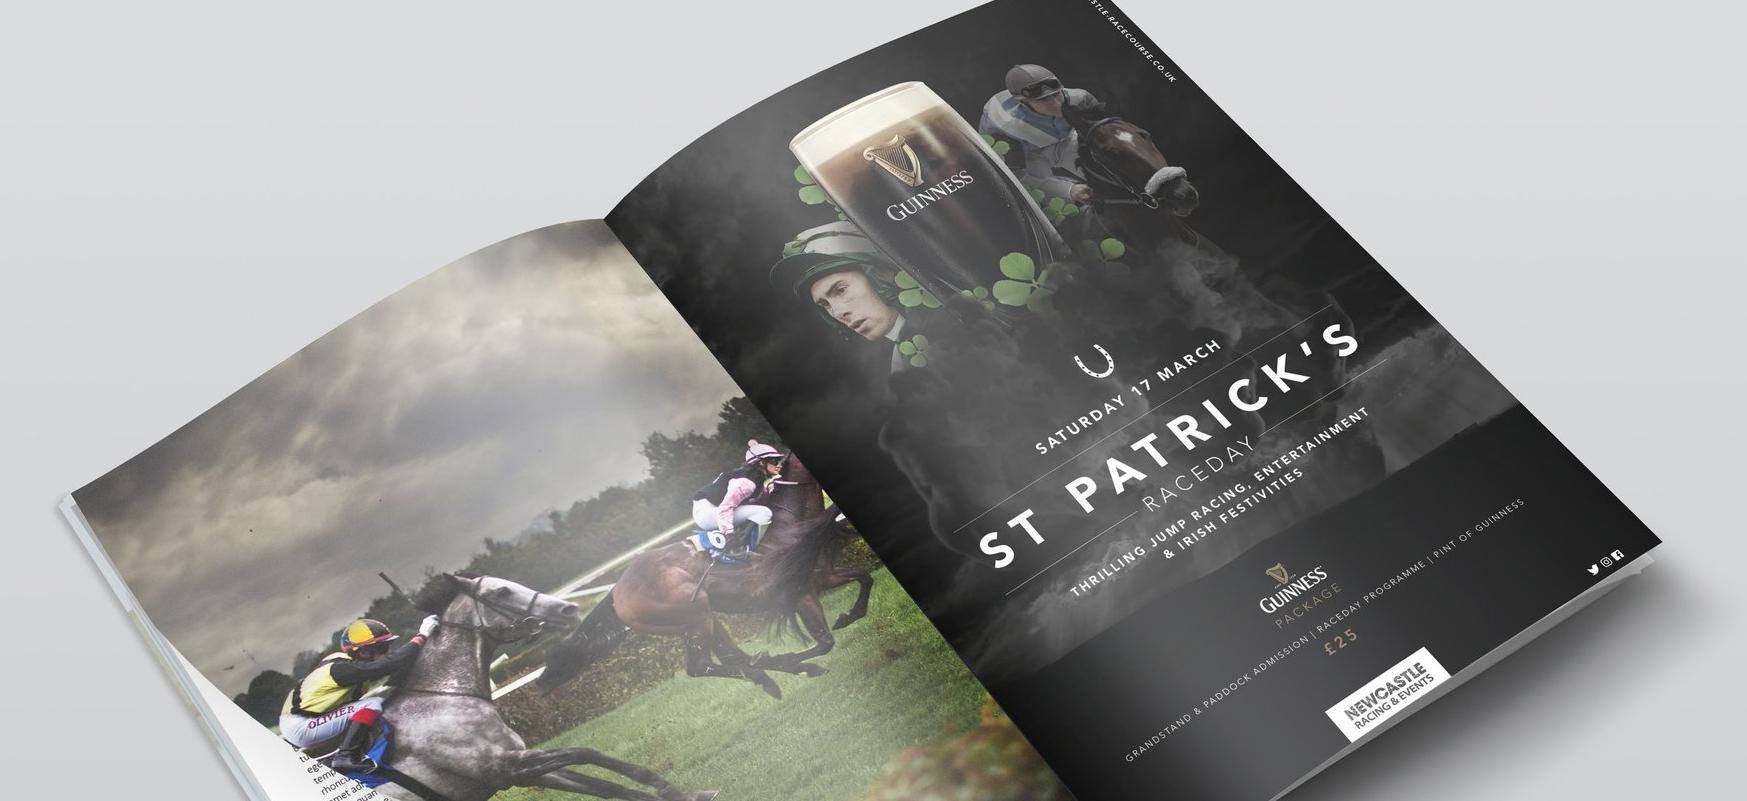 Newcastle Racecourse - St Patrick's Raceday